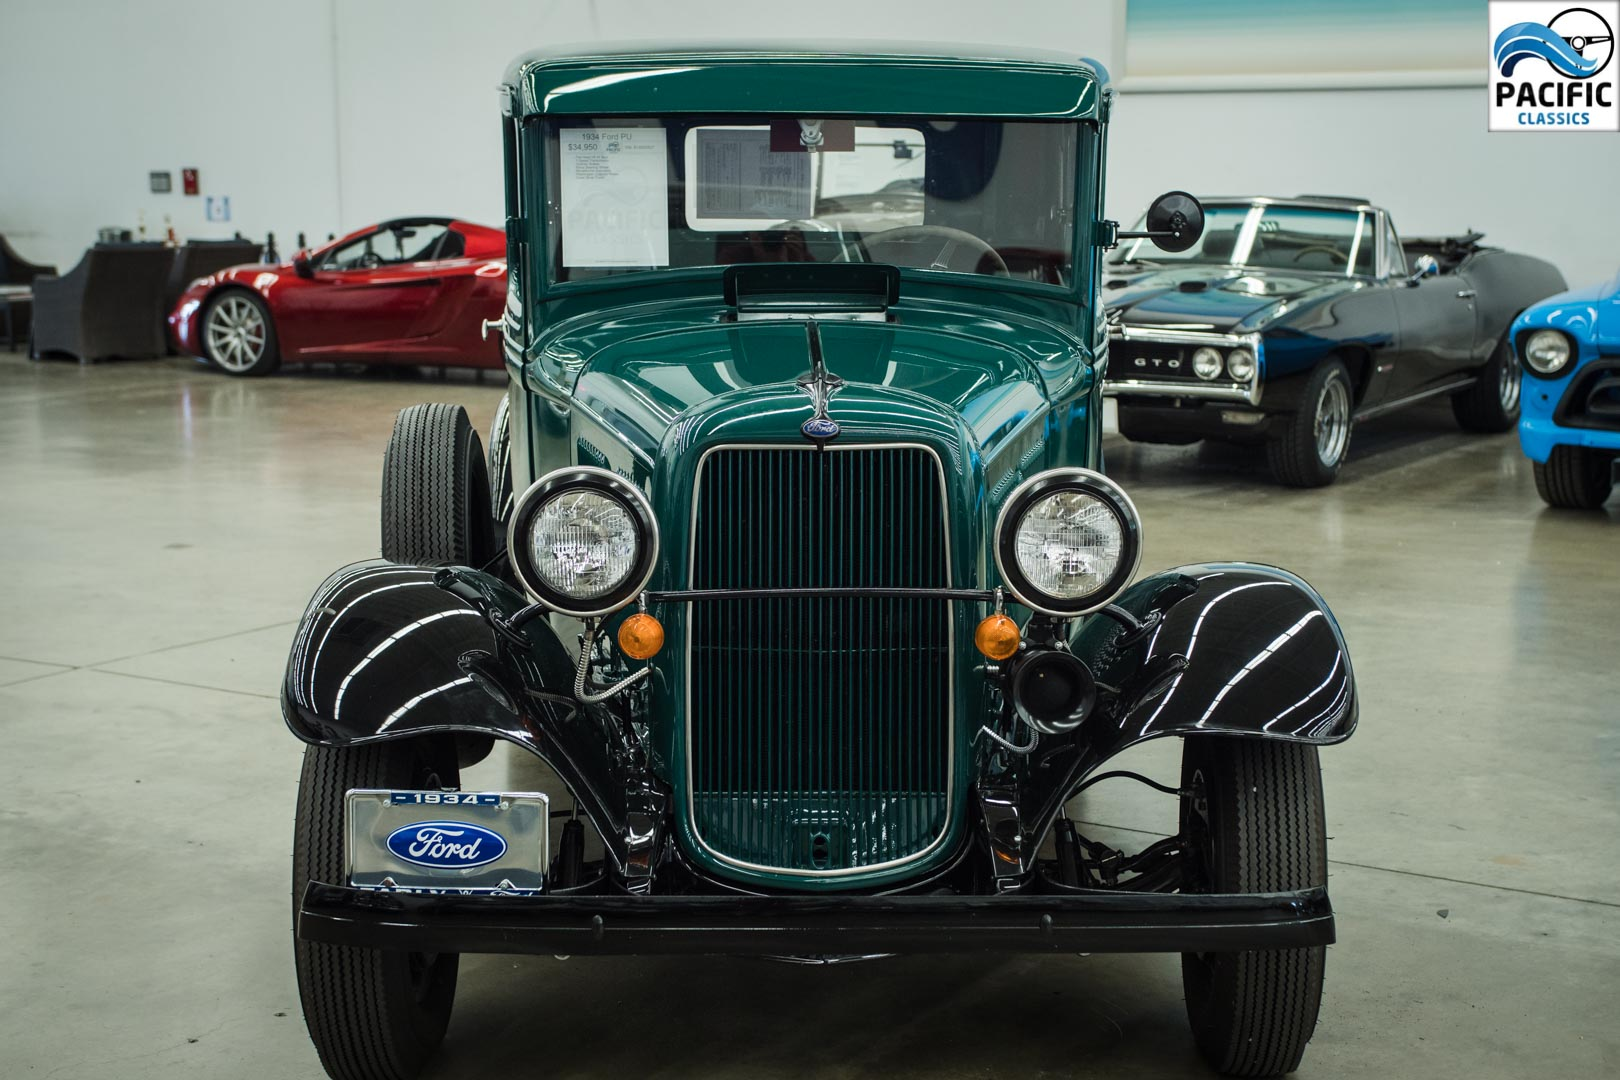 1934 Ford PU